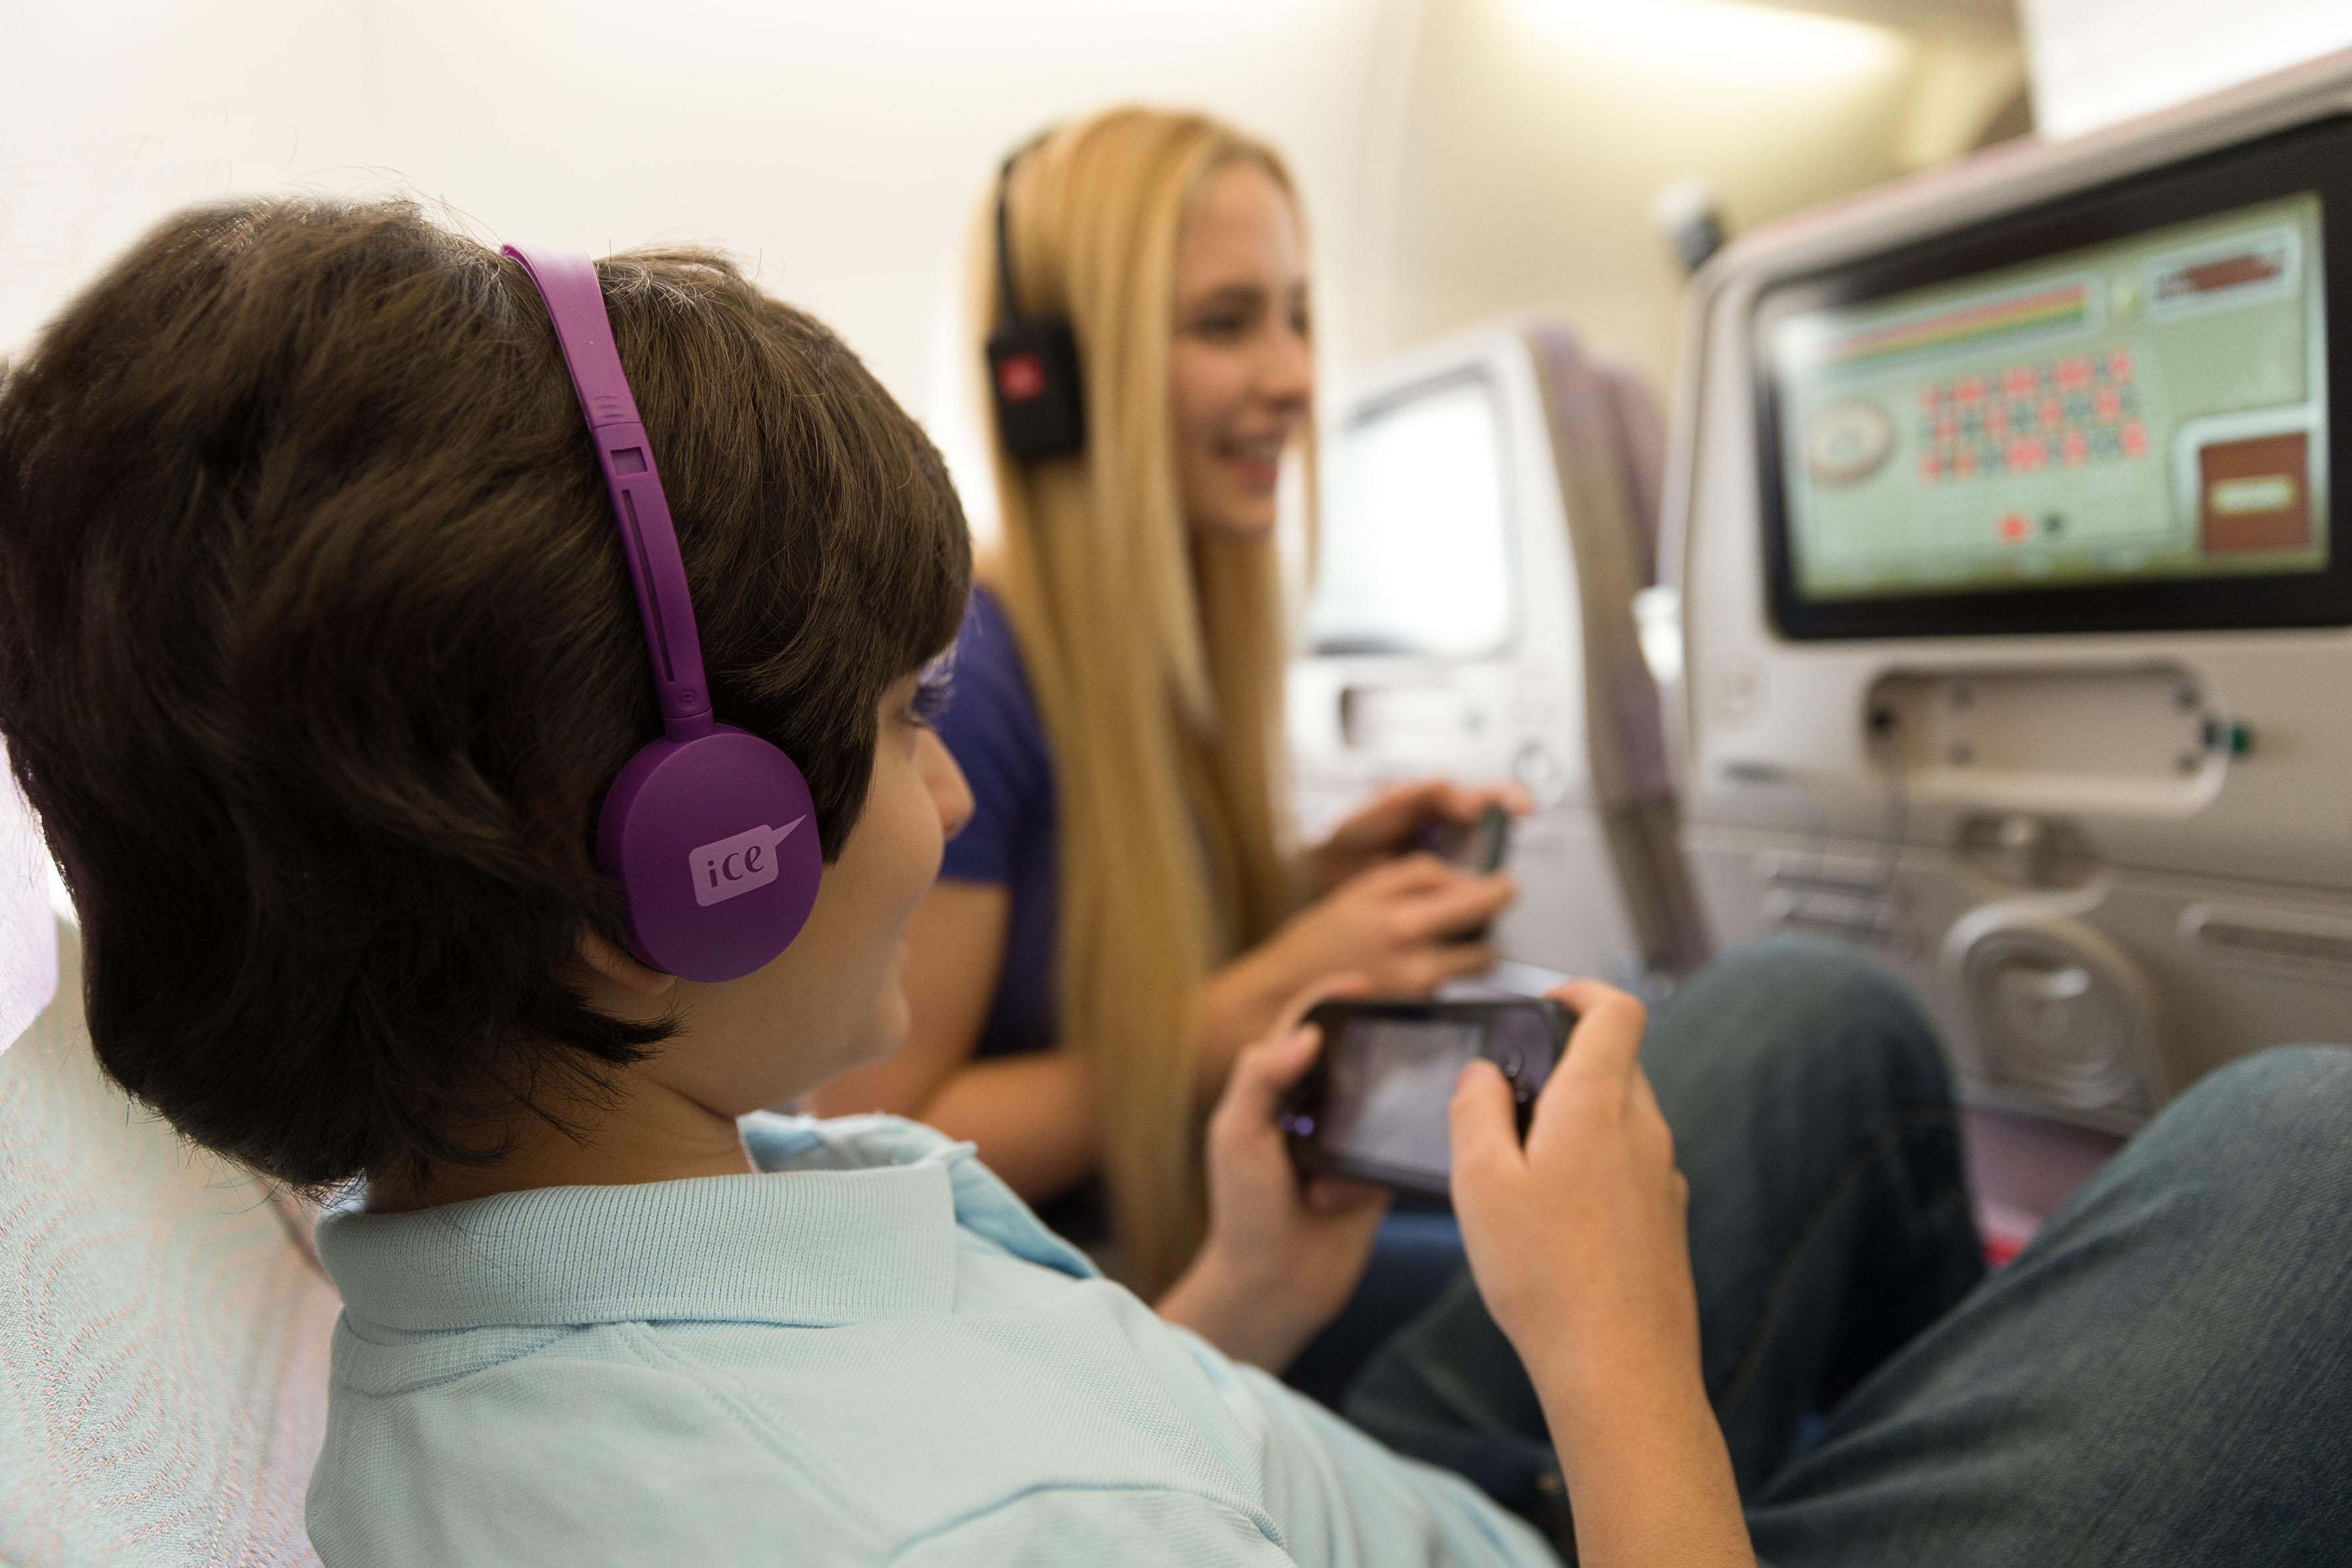 El Sistema de Entretenimiento de a Bordo de Emirates  gana por onceavo año consecutivo el Premio Skytrax